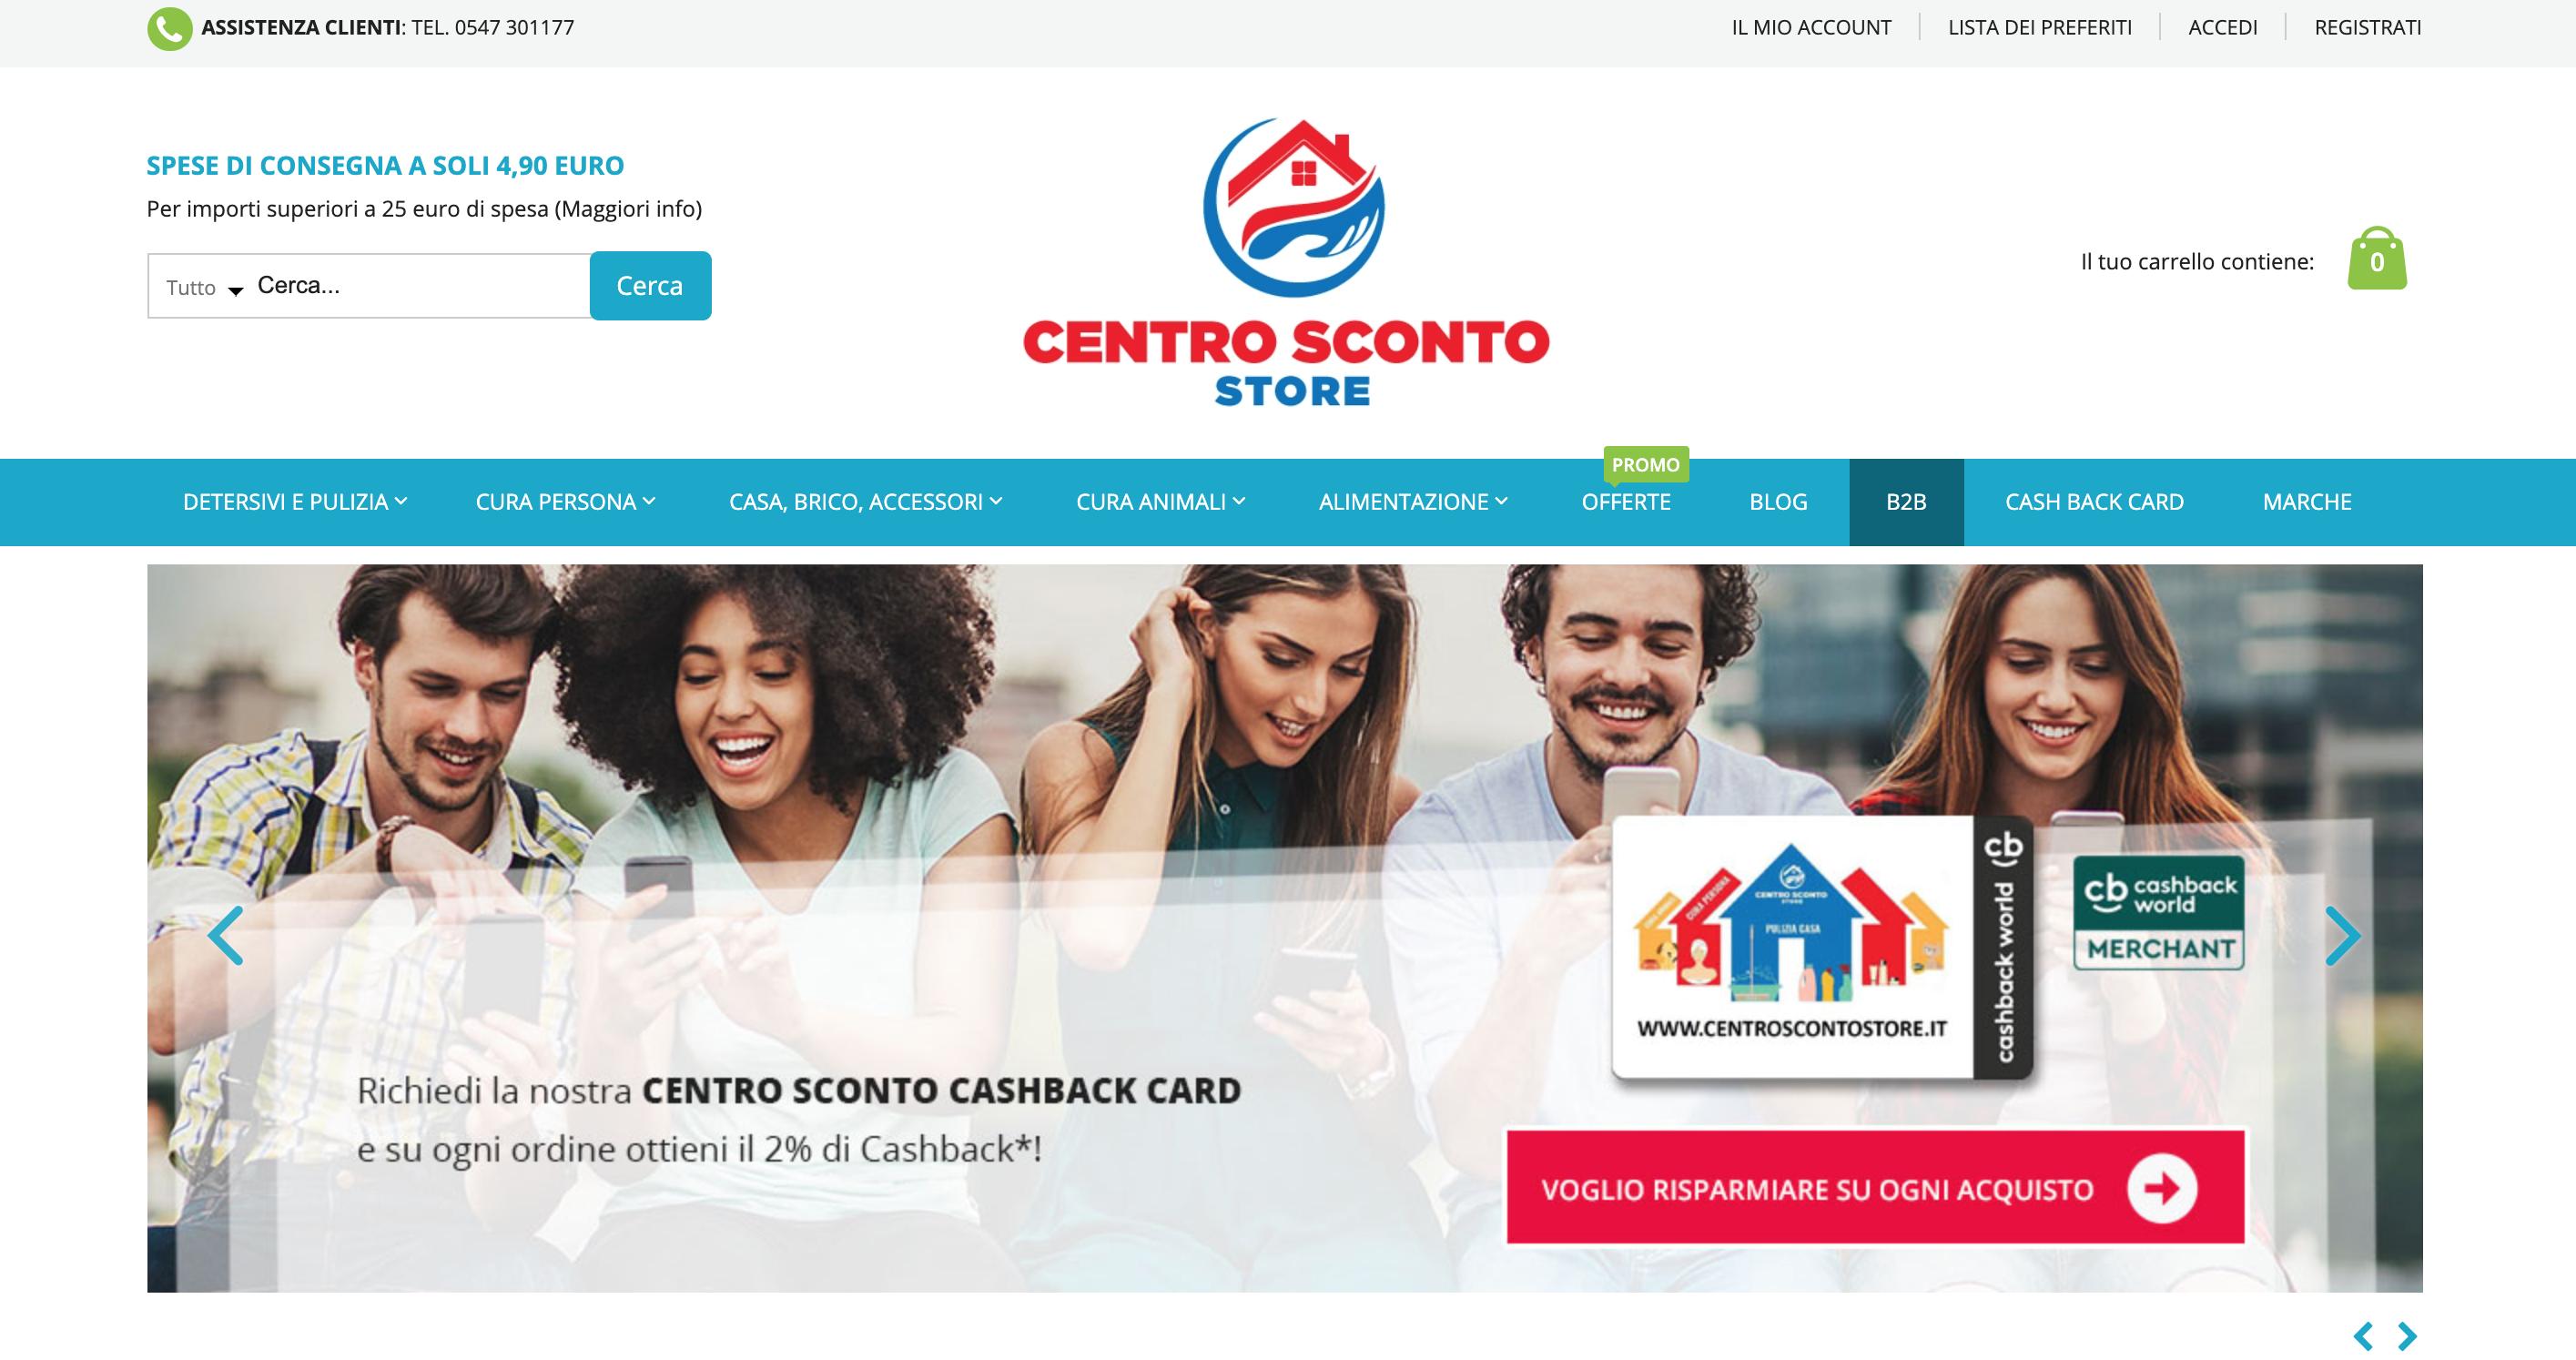 Centro Sconto Store